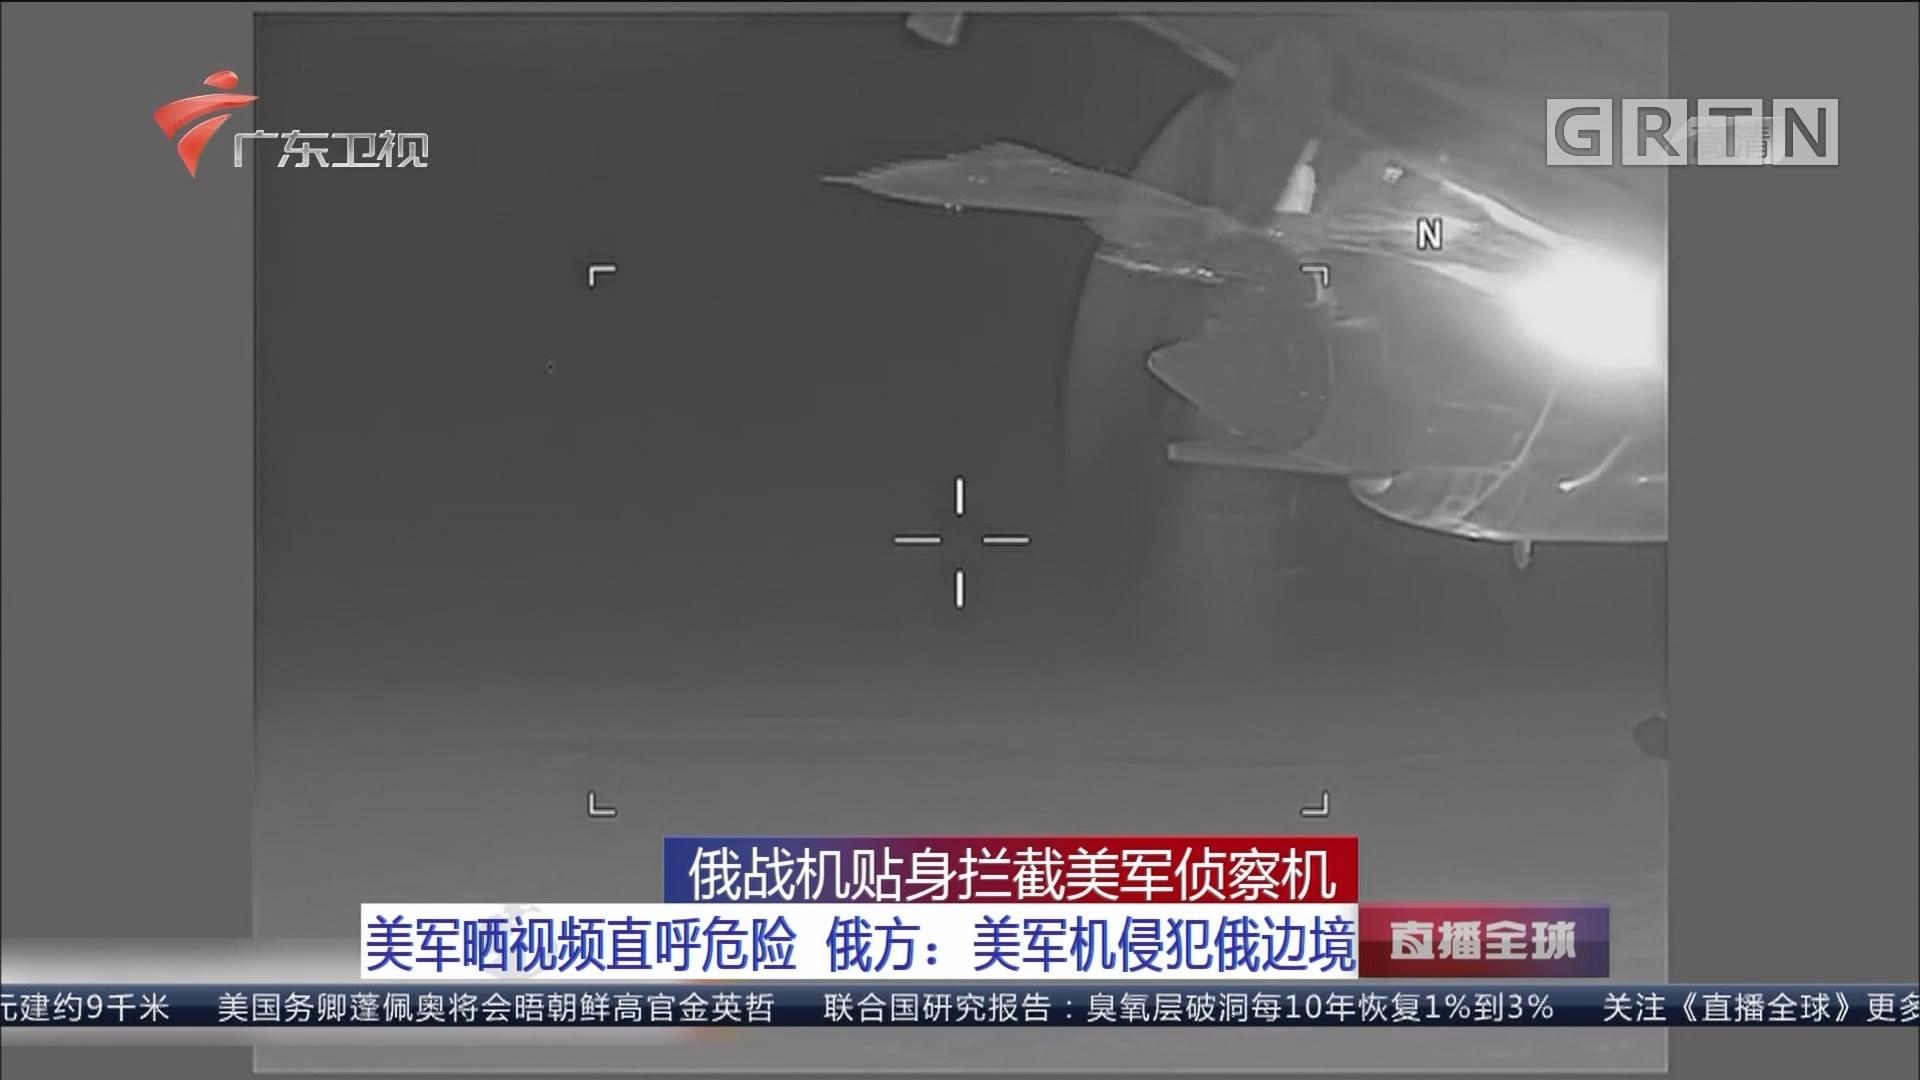 俄战机贴身拦截美军侦察机 美军晒视频直呼危险 俄方:美军机侵犯俄边境